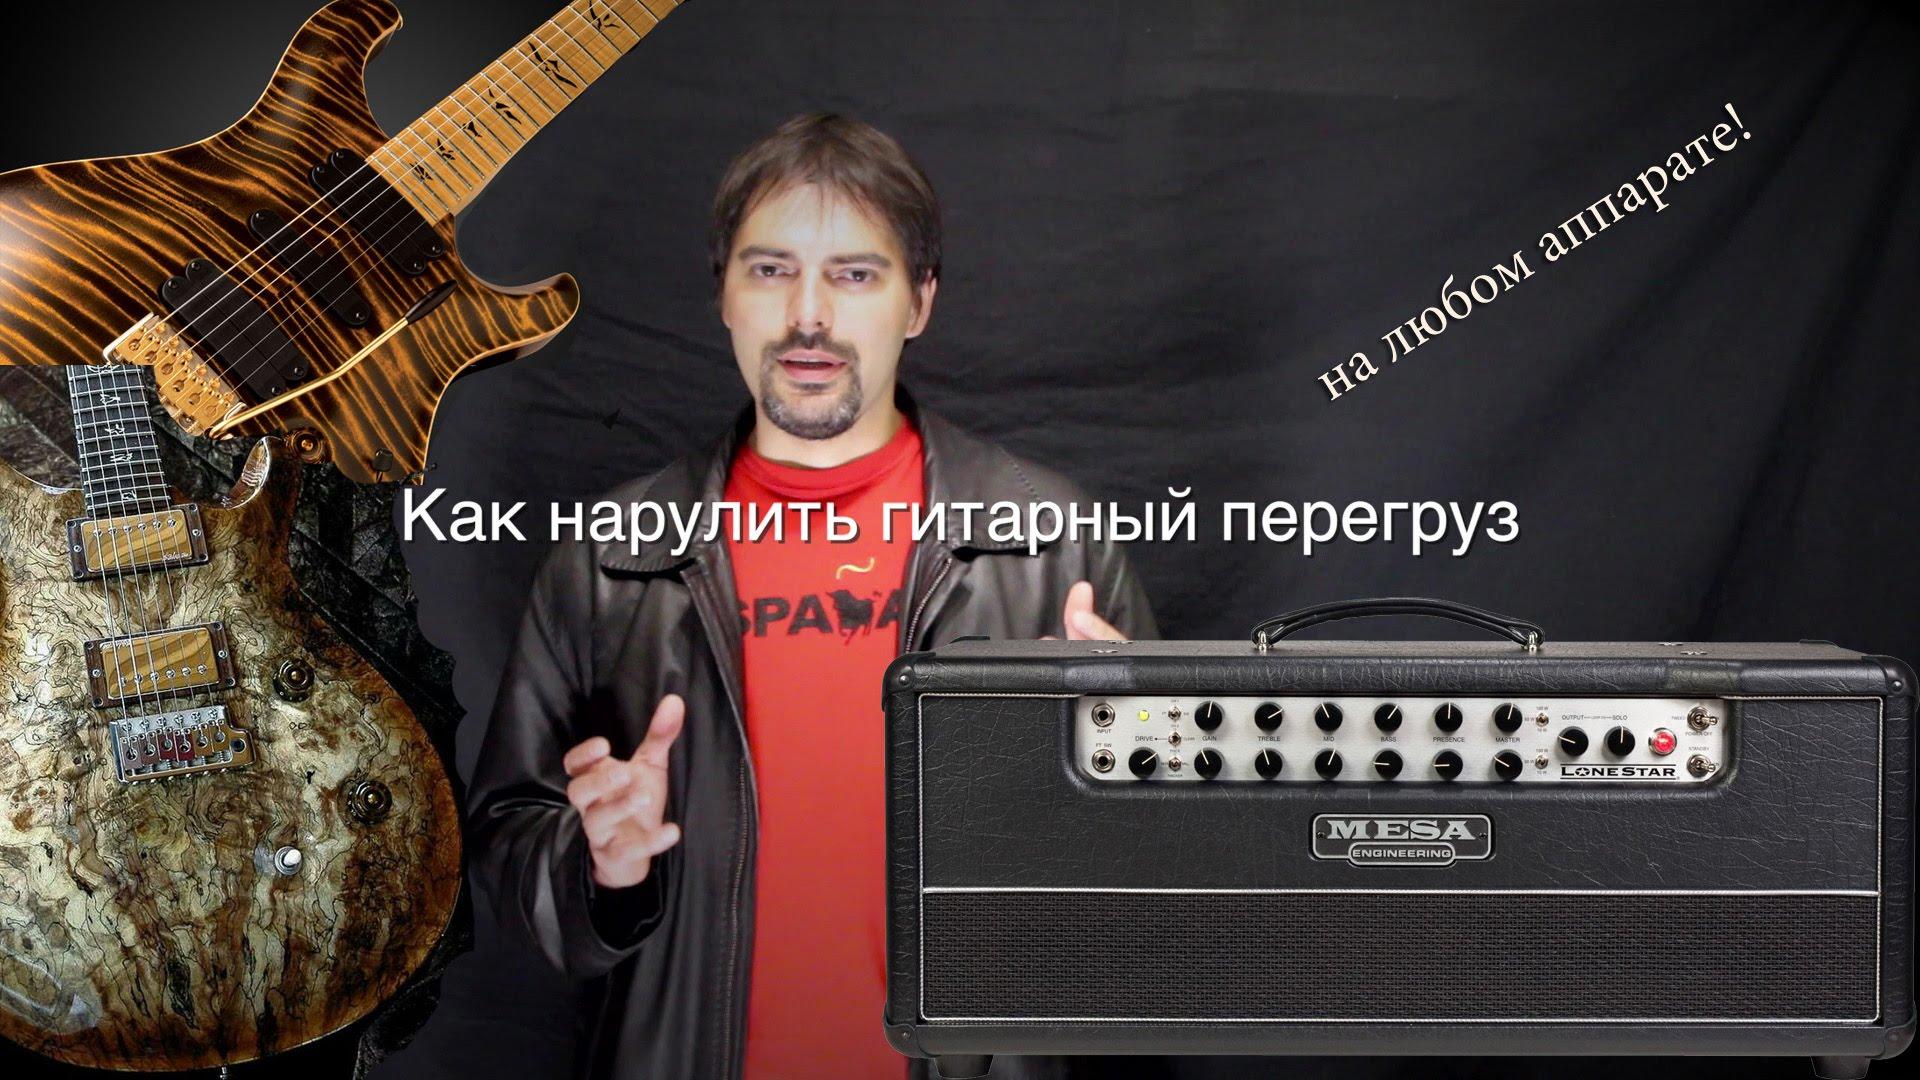 Перегруз для гитары